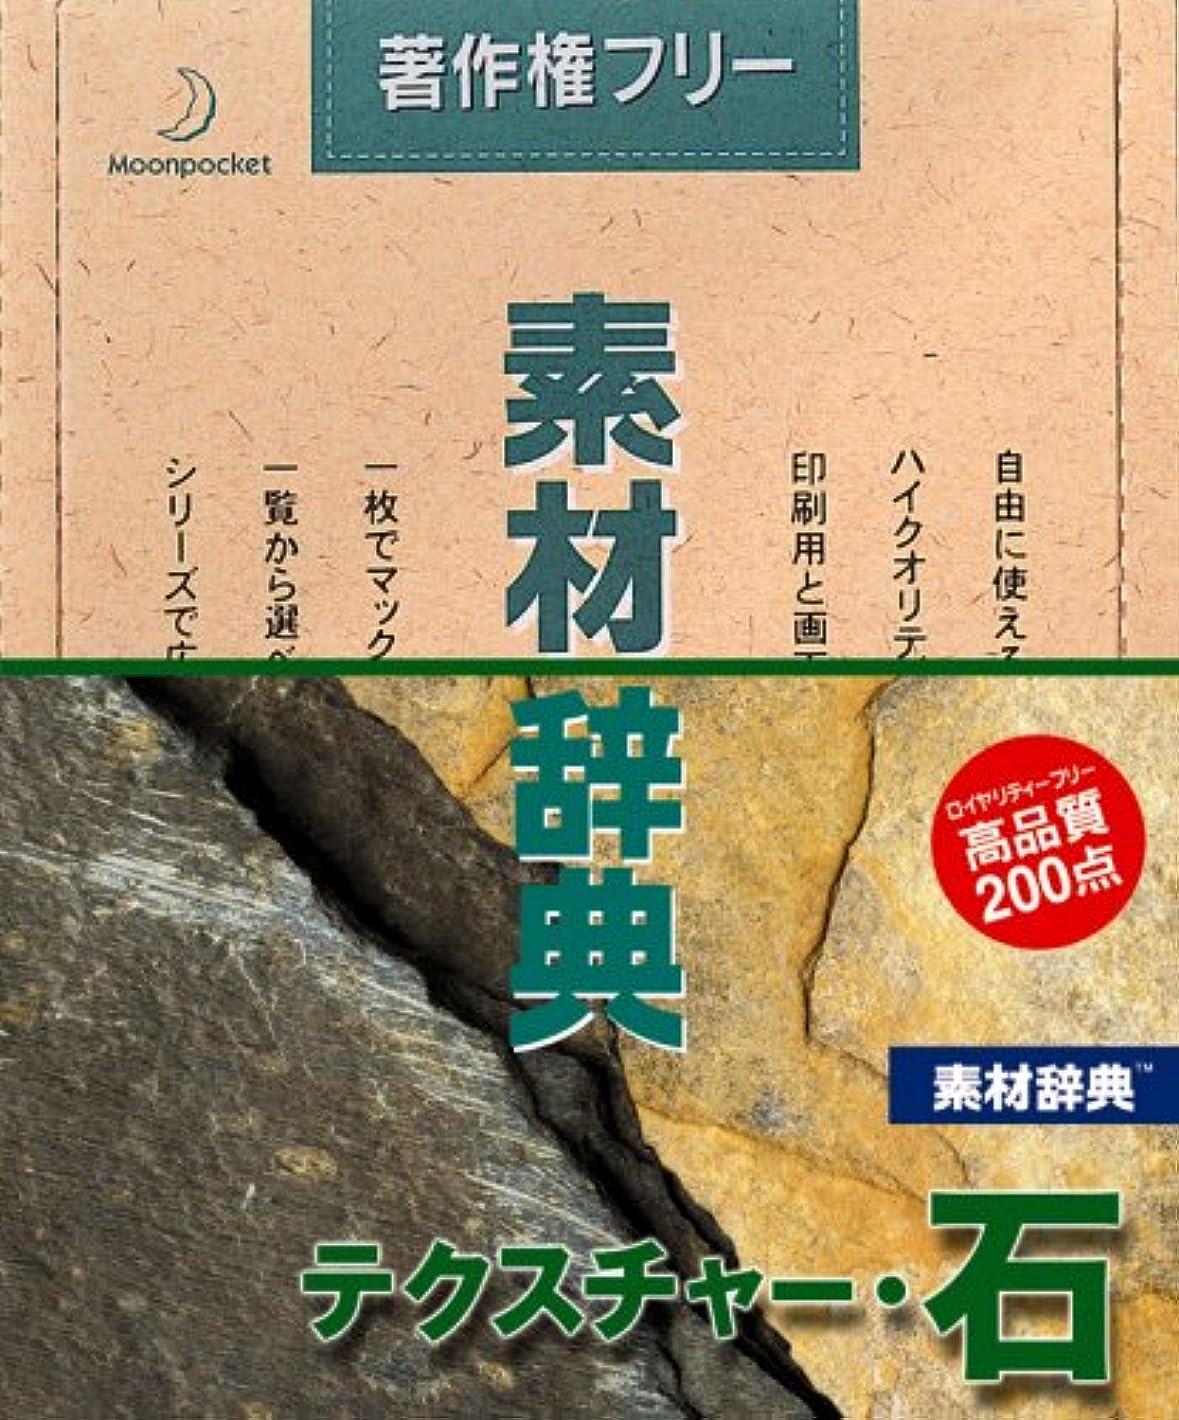 スマート契約したダウン素材辞典 Vol.1 テクスチャー?石編